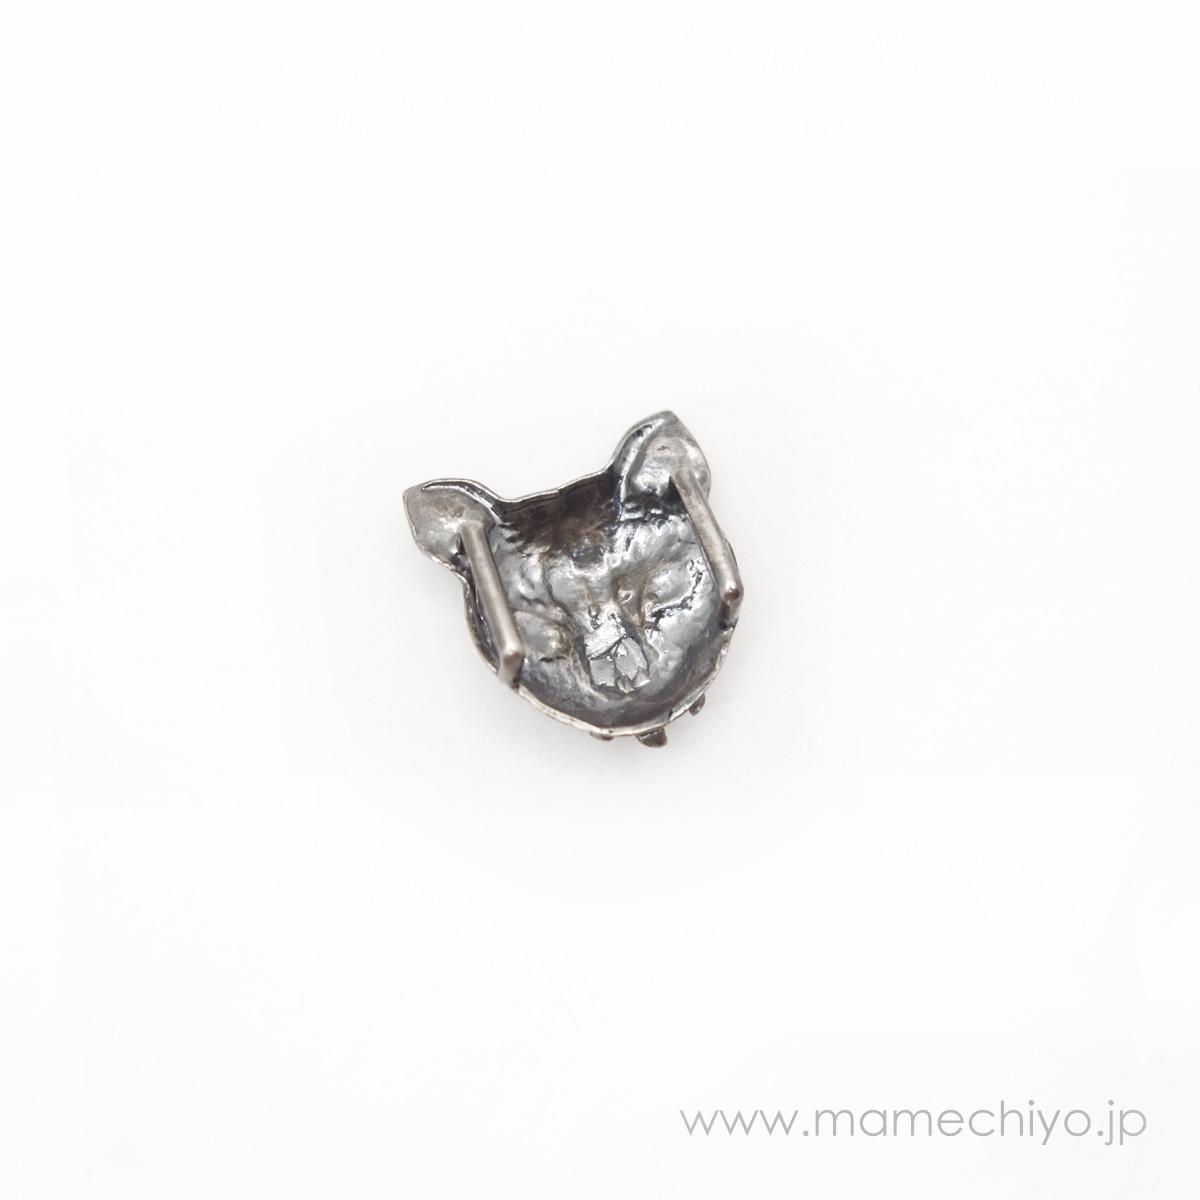 帯留 瑞雲と八咫烏・妖怪/化け猫・手の目【騎西屋】